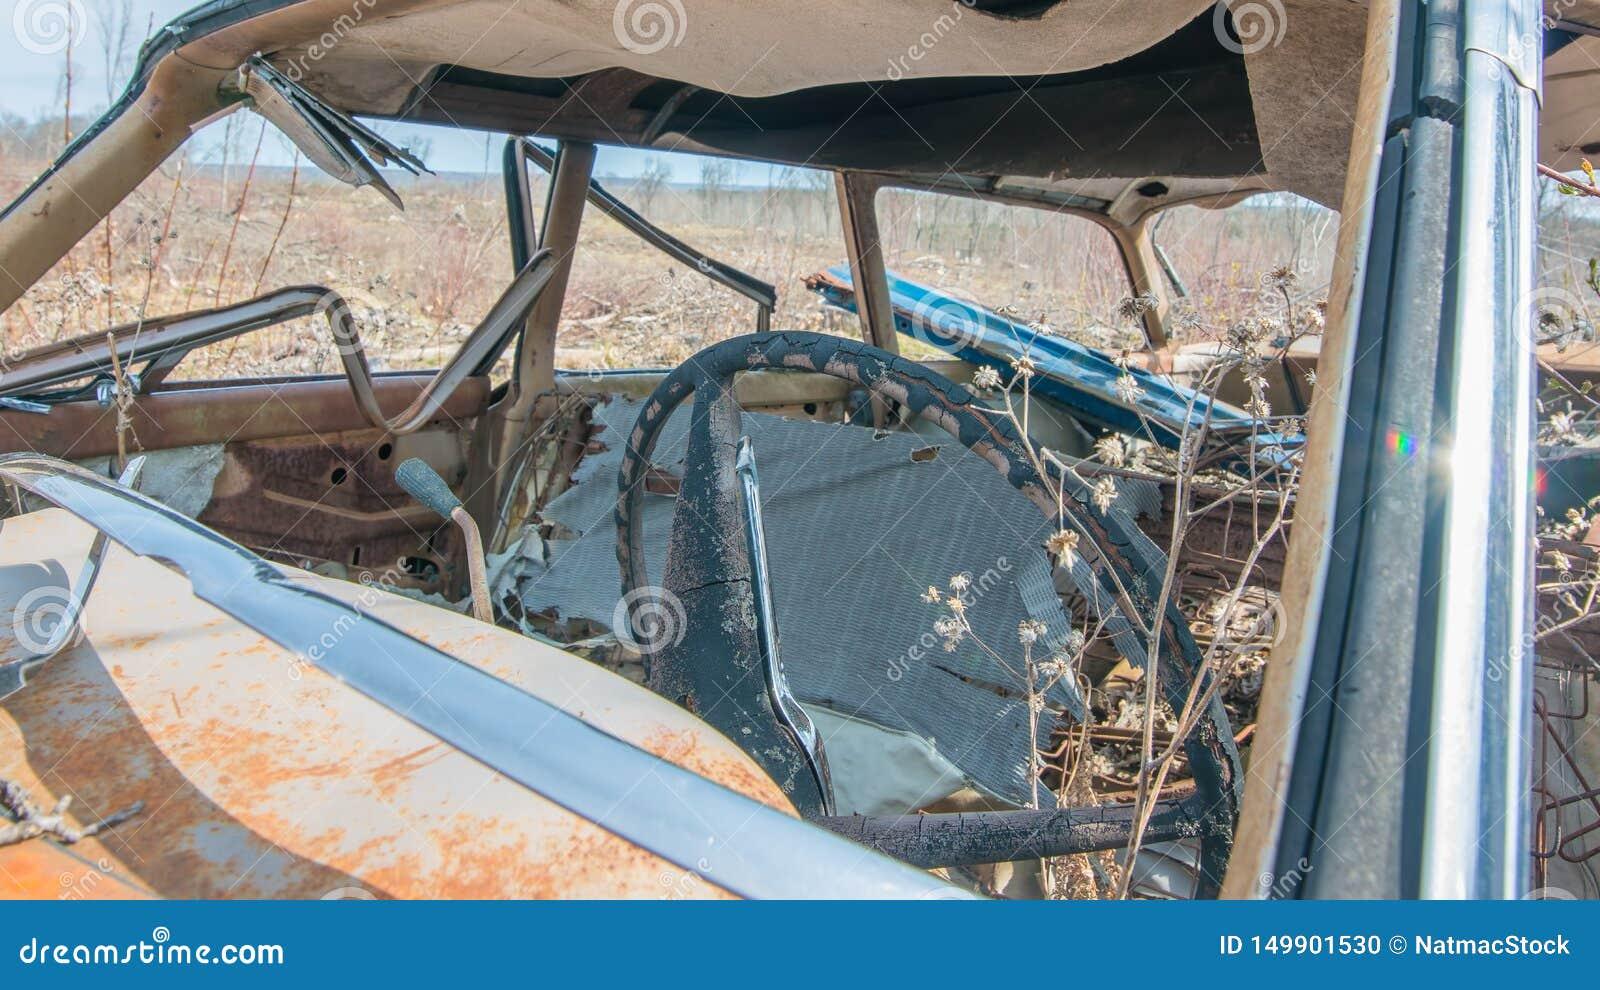 老葡萄酒生锈了汽车在没有中间省略威斯康辛森林-被暴露的地方在采伐森林以后-生长的植物在汽车